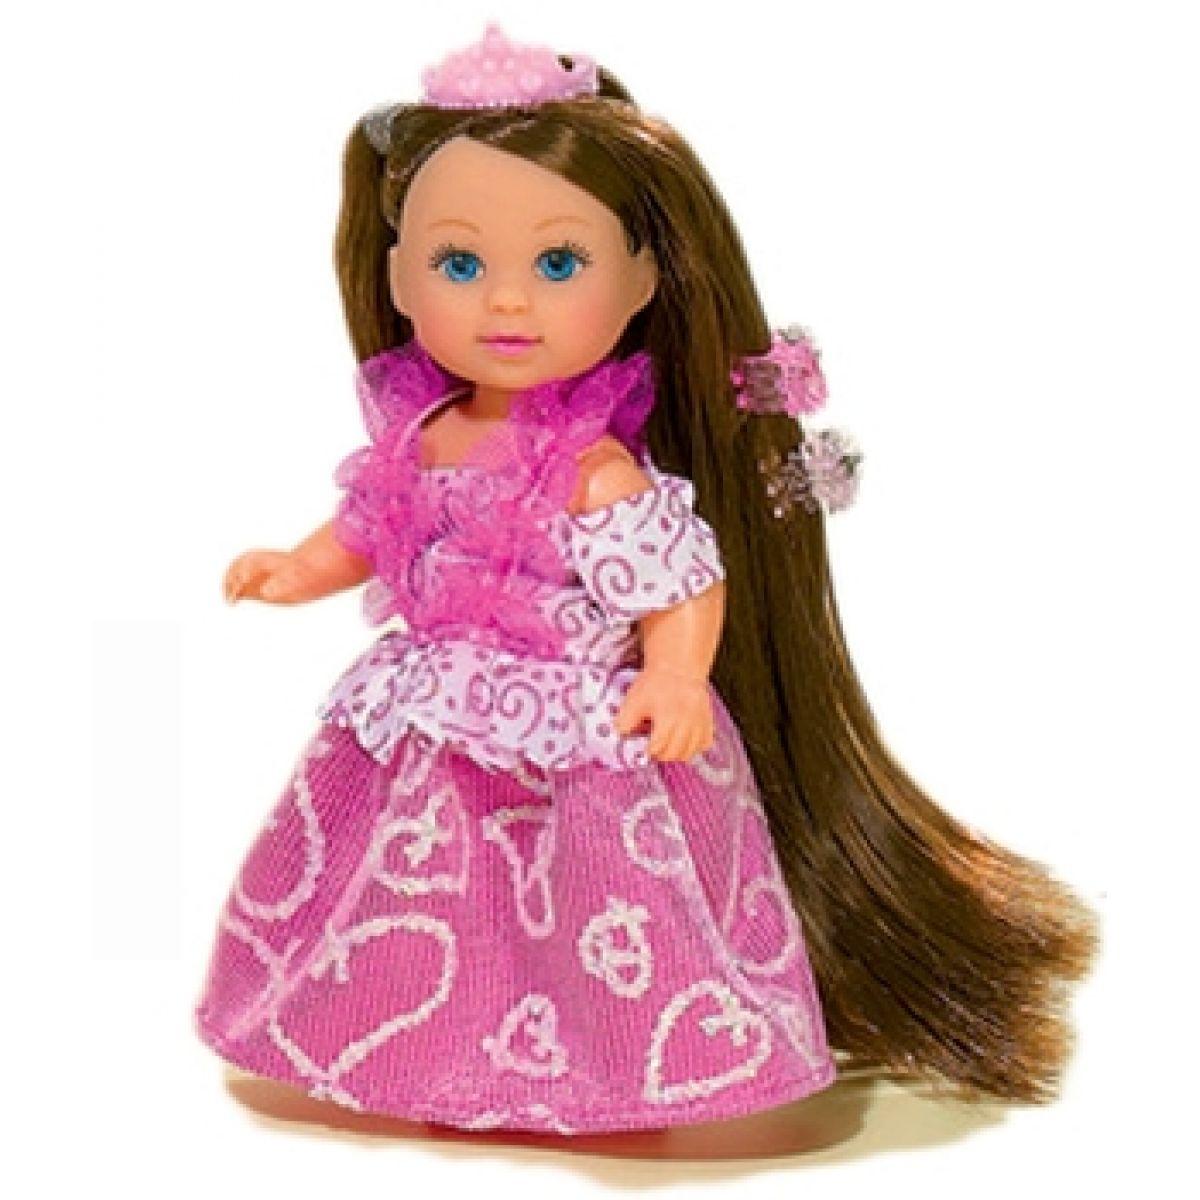 Simba Panenka Evička Rapunzel s extra dlouhými vlasy - Brunetka